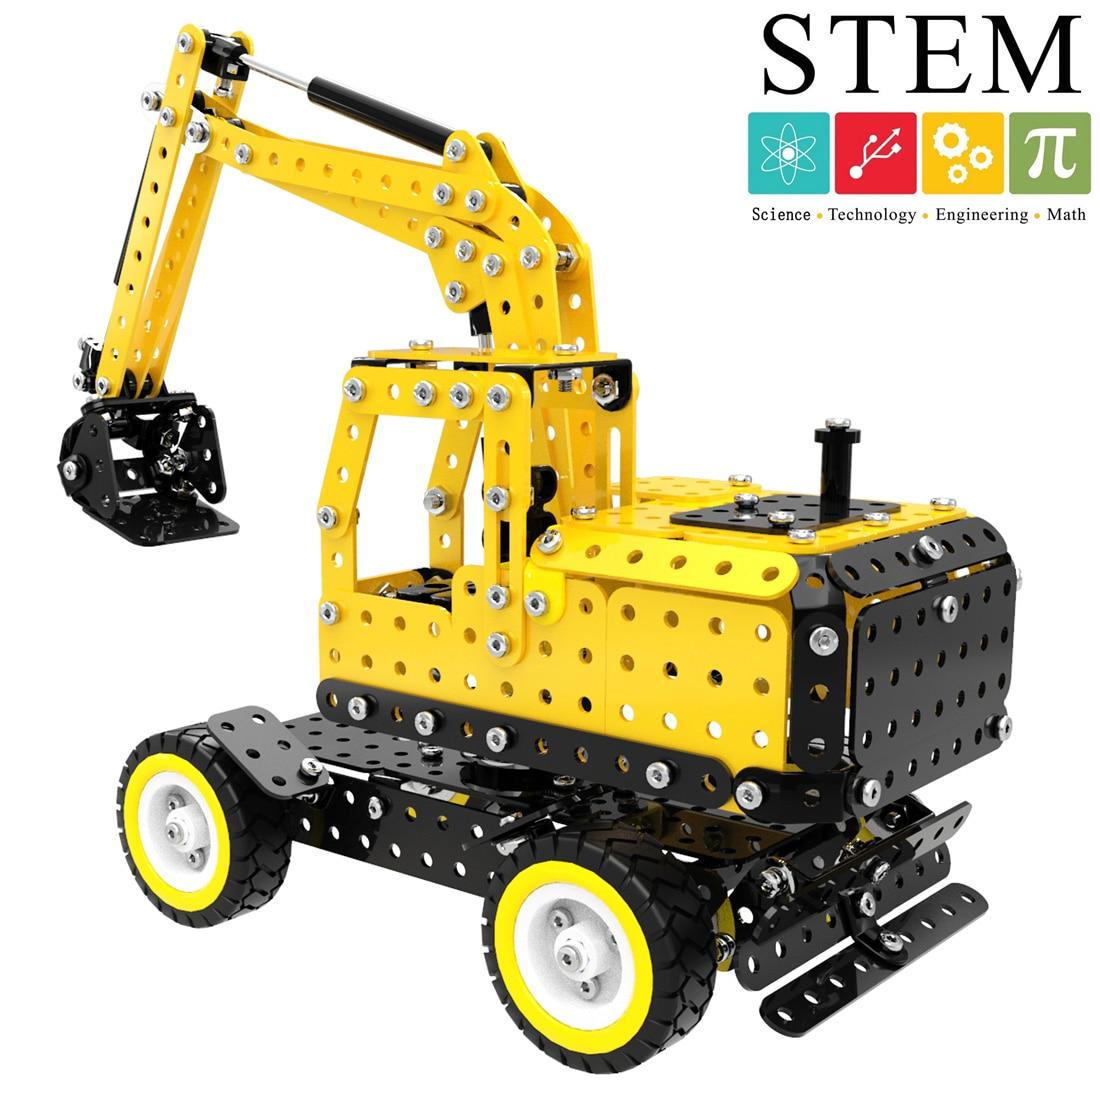 502 pçs máquina escavadora forma diy aço inoxidável metal bloco de construção kit haste a vapor brinquedos empilhamento blocos para crianças meninos SW-007